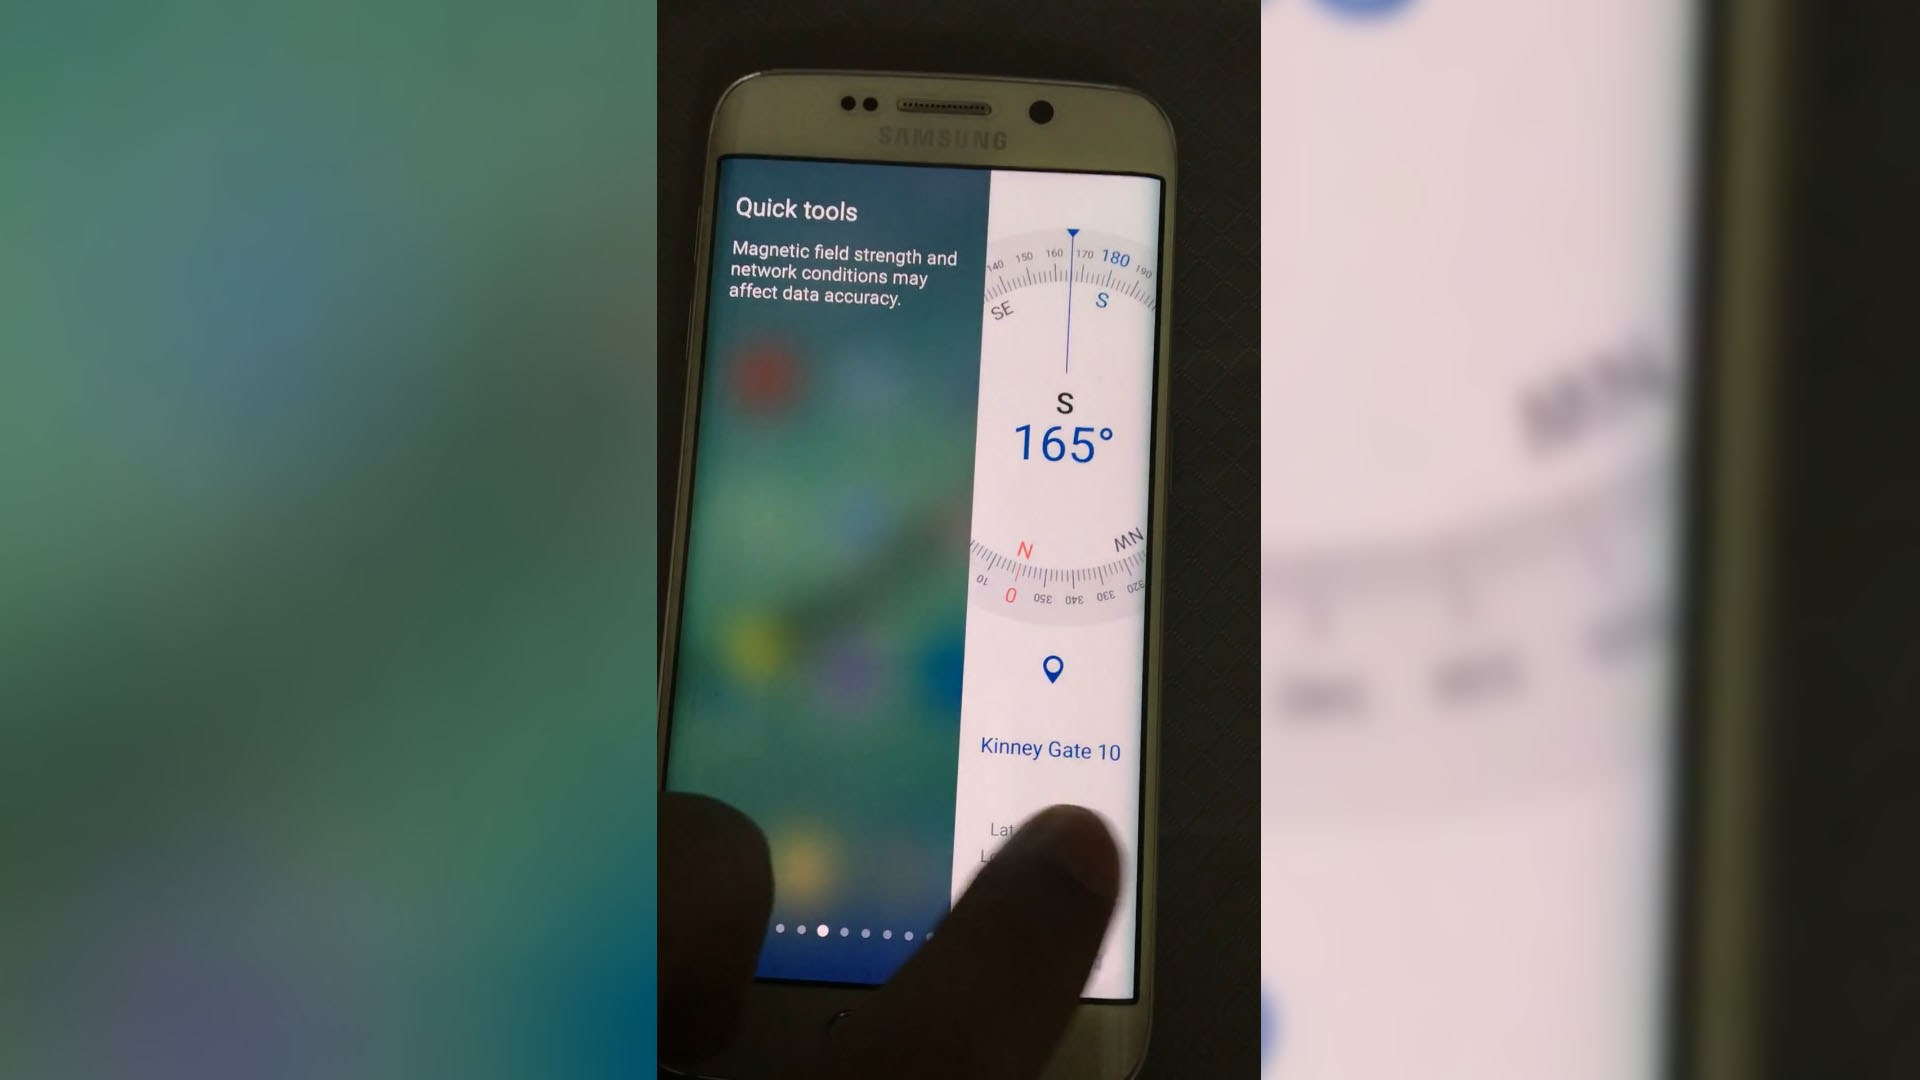 Samsung Galaxy S6 edge / edge+ : du nouveau pour le panneau latéral sous Marshmallow